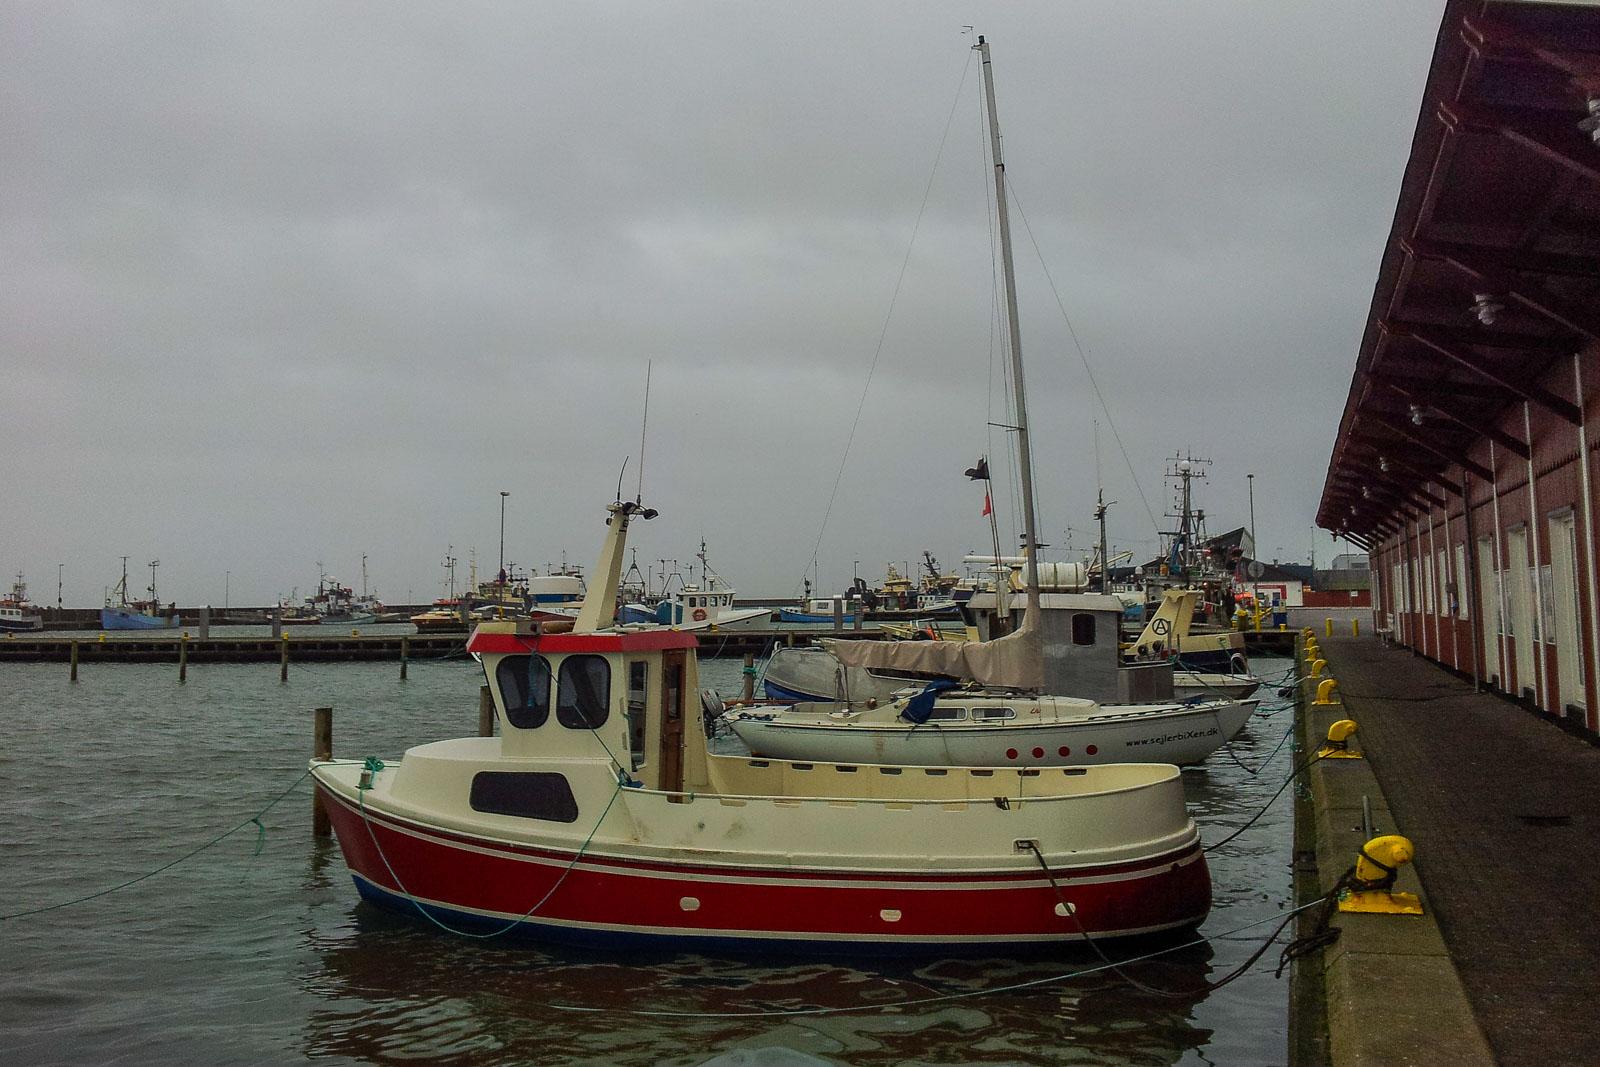 Dänemark Hafen Fisch kaufen